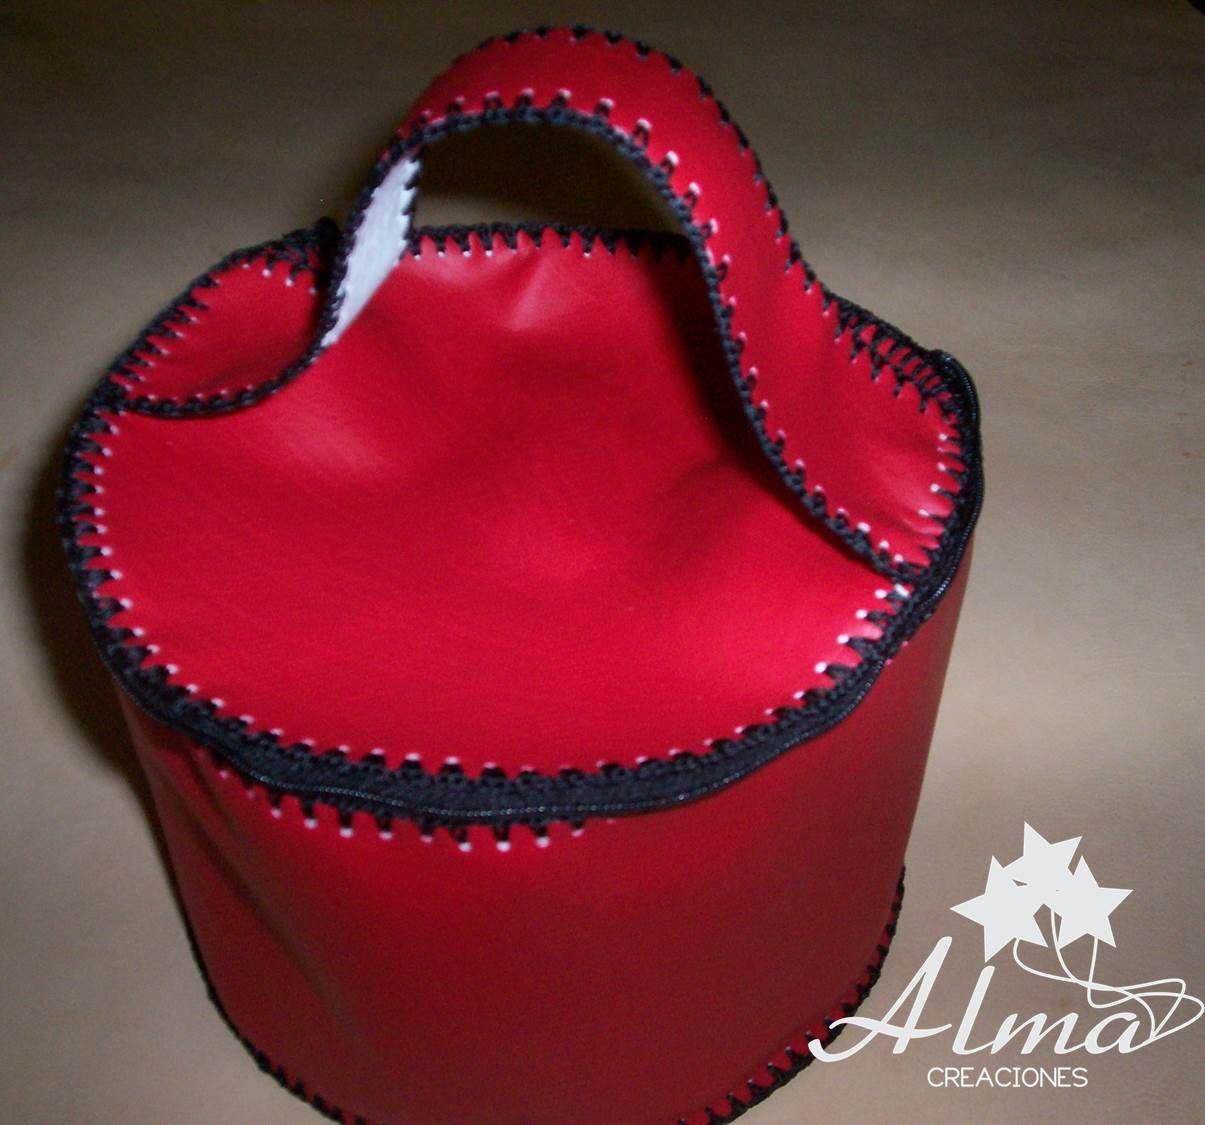 Bolsito redondo en cuerina, rojo con interior blanco, cierre superior.